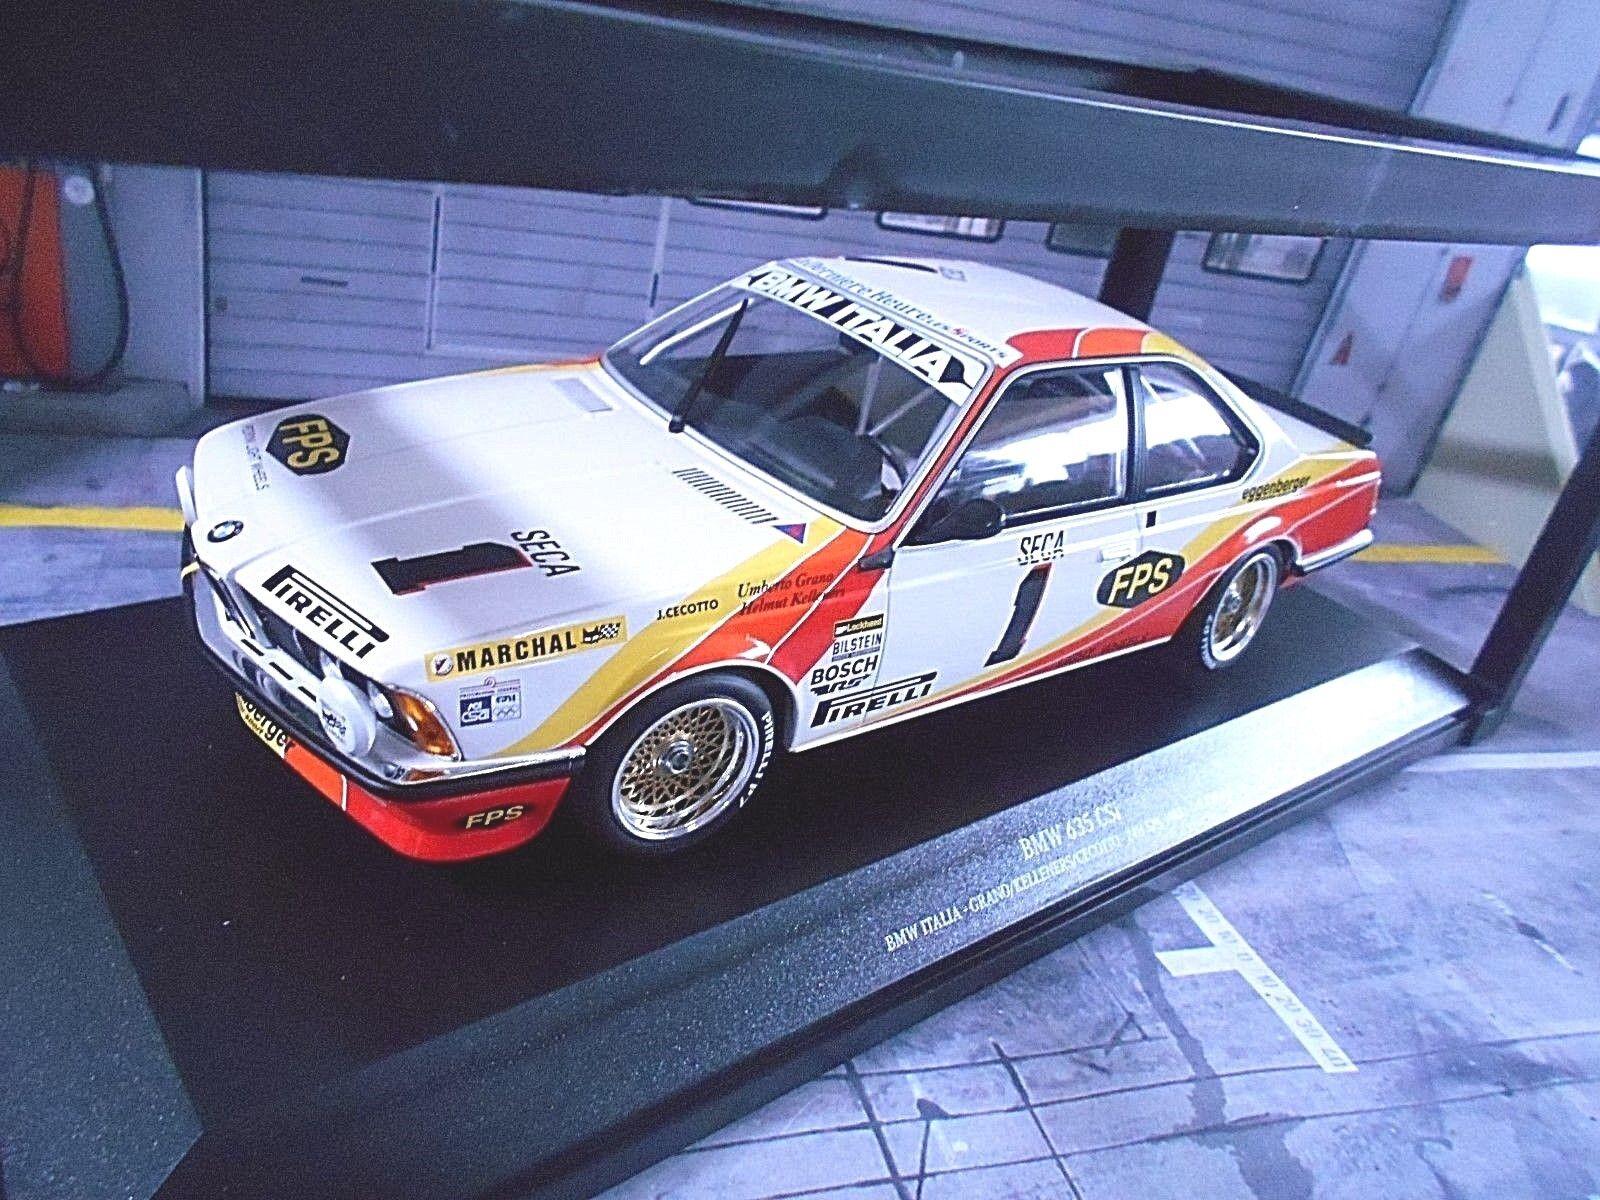 prezzo più economico BMW BMW BMW 635 CSI DTM 24h SPA 1983  1 Italia svolgerlo Cecotto Kelleners Minichamps 1 18  marchi di moda